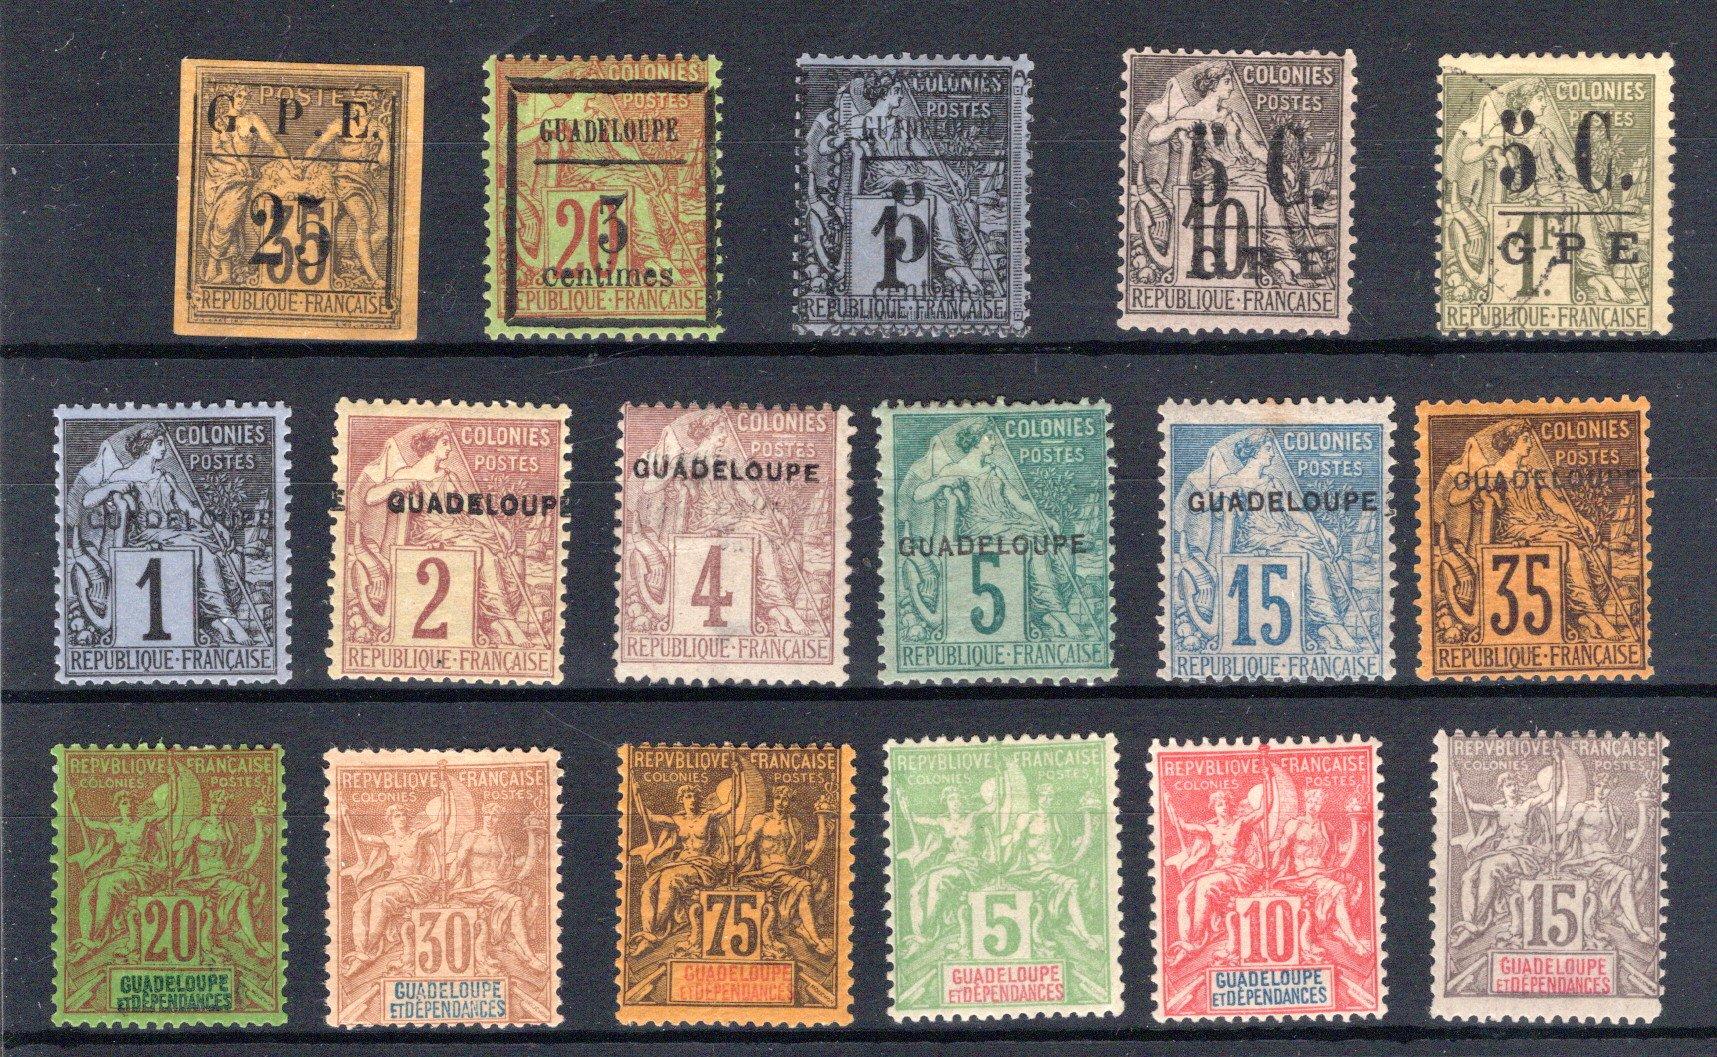 Lot 208 - FRANCE & COLONIES guadeloupe -  Georg Bühler Briefmarken Auktionen GmbH 27th mail bid auction